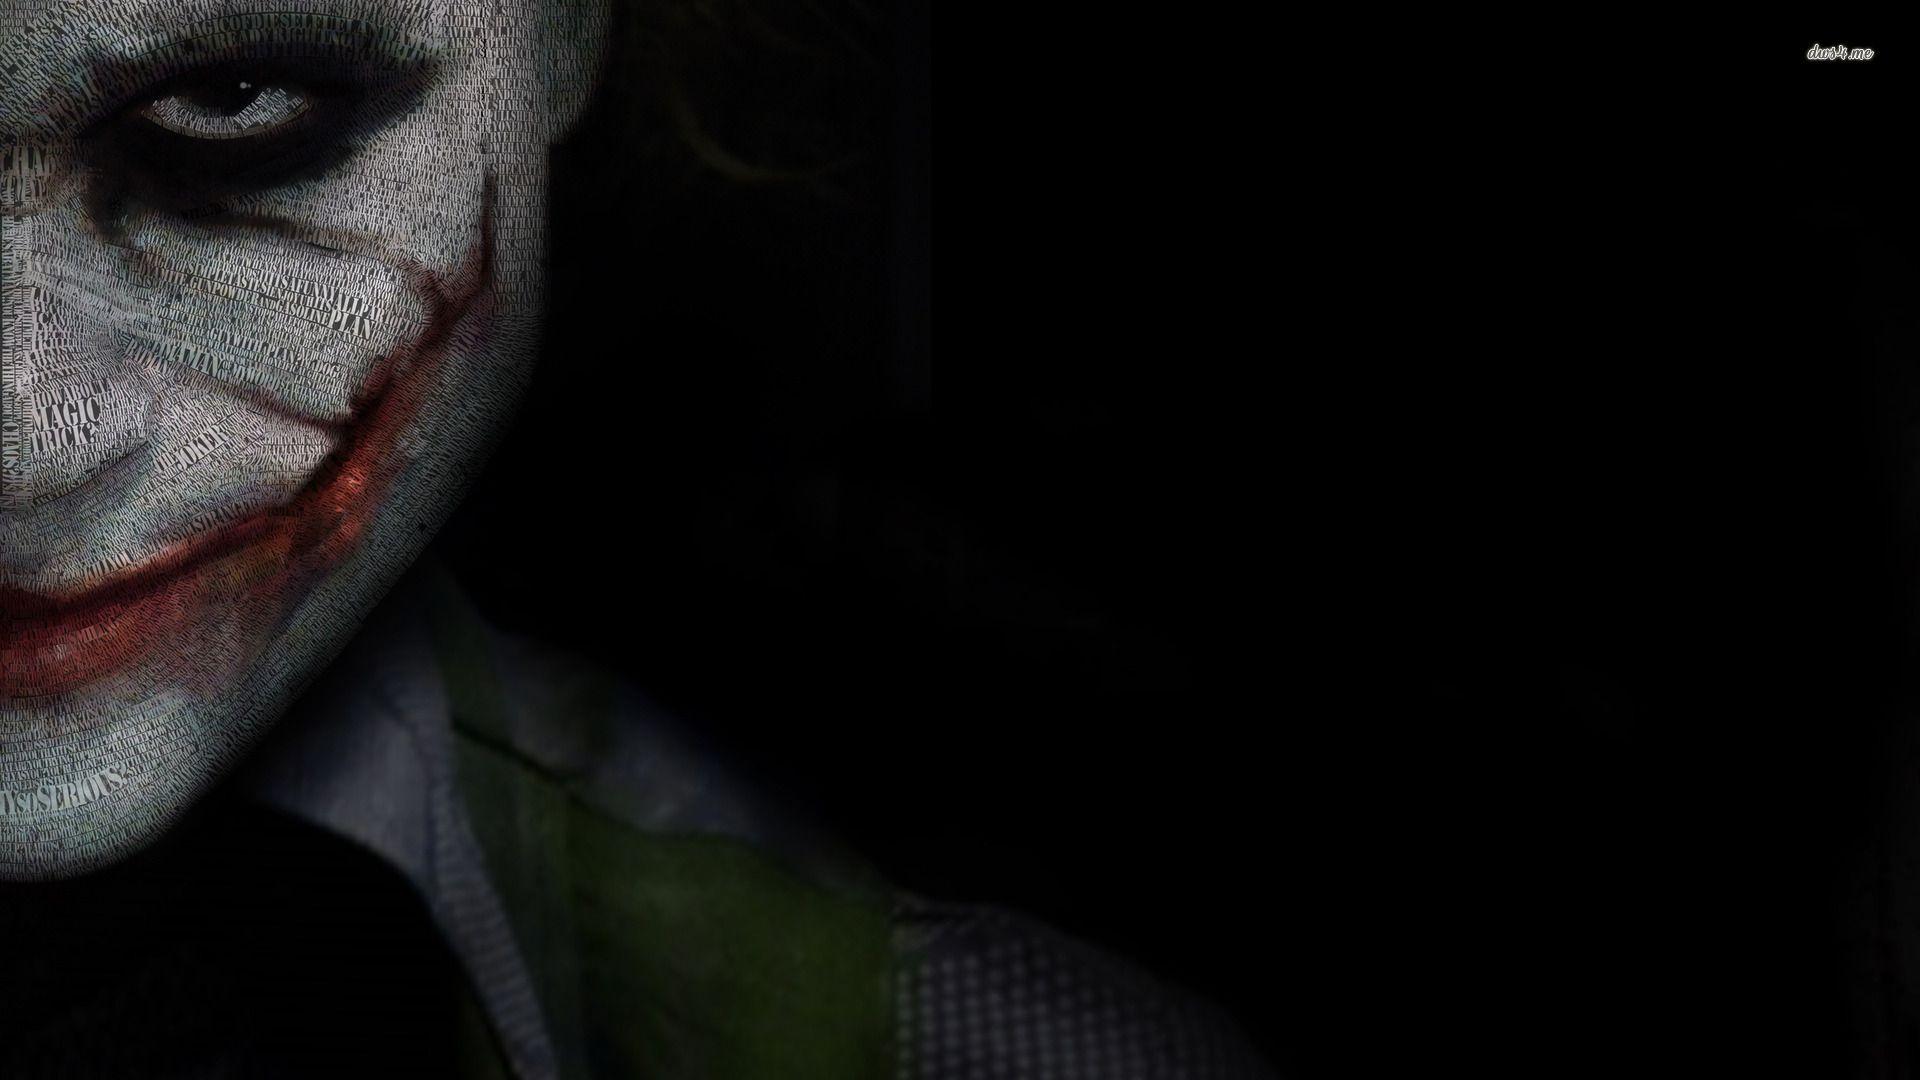 Joker The Dark Knight Wallpapers